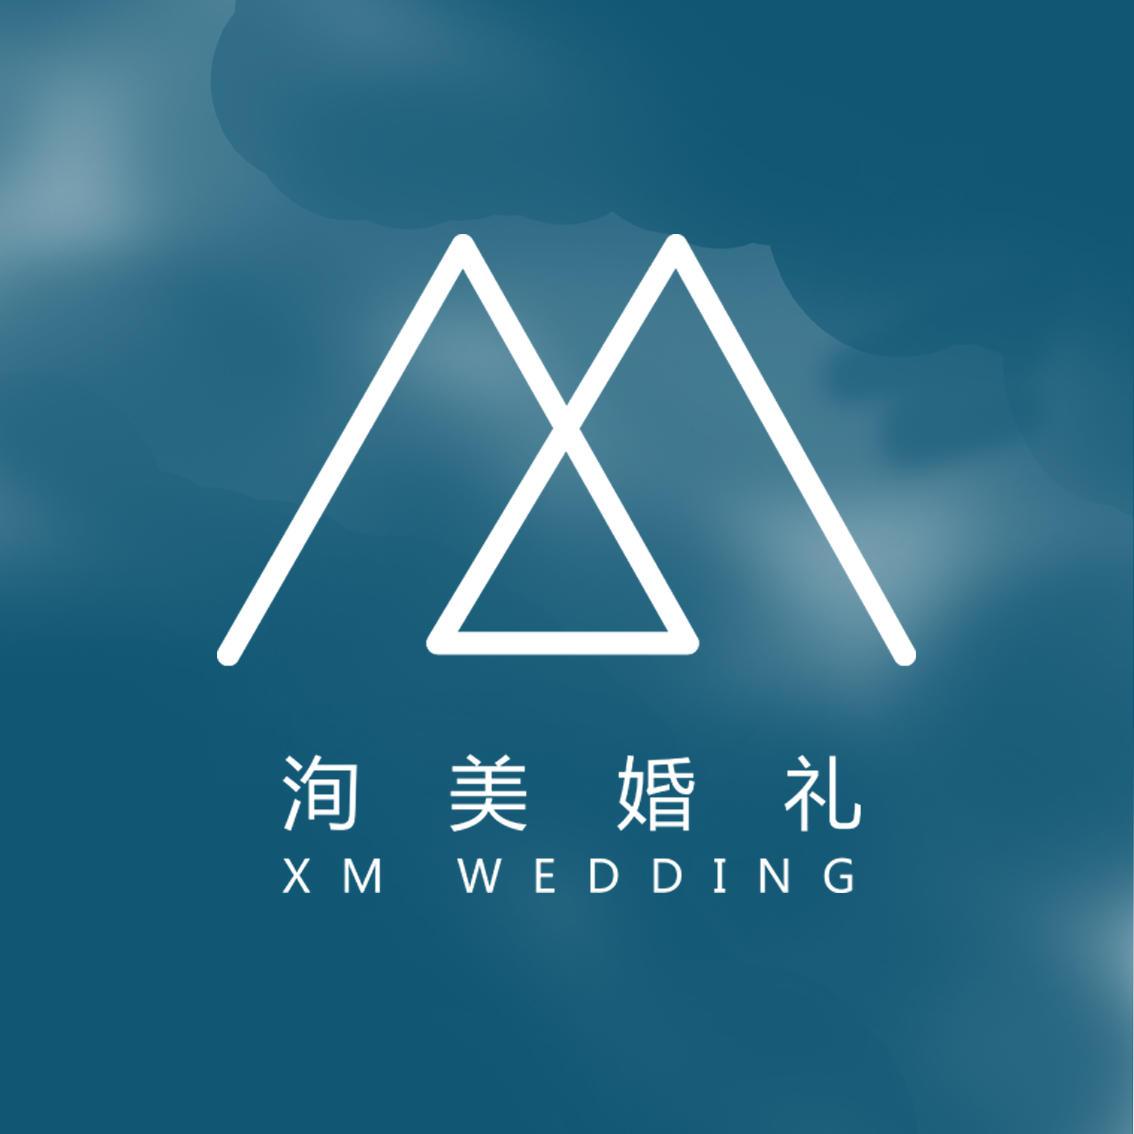 洵美婚礼策划